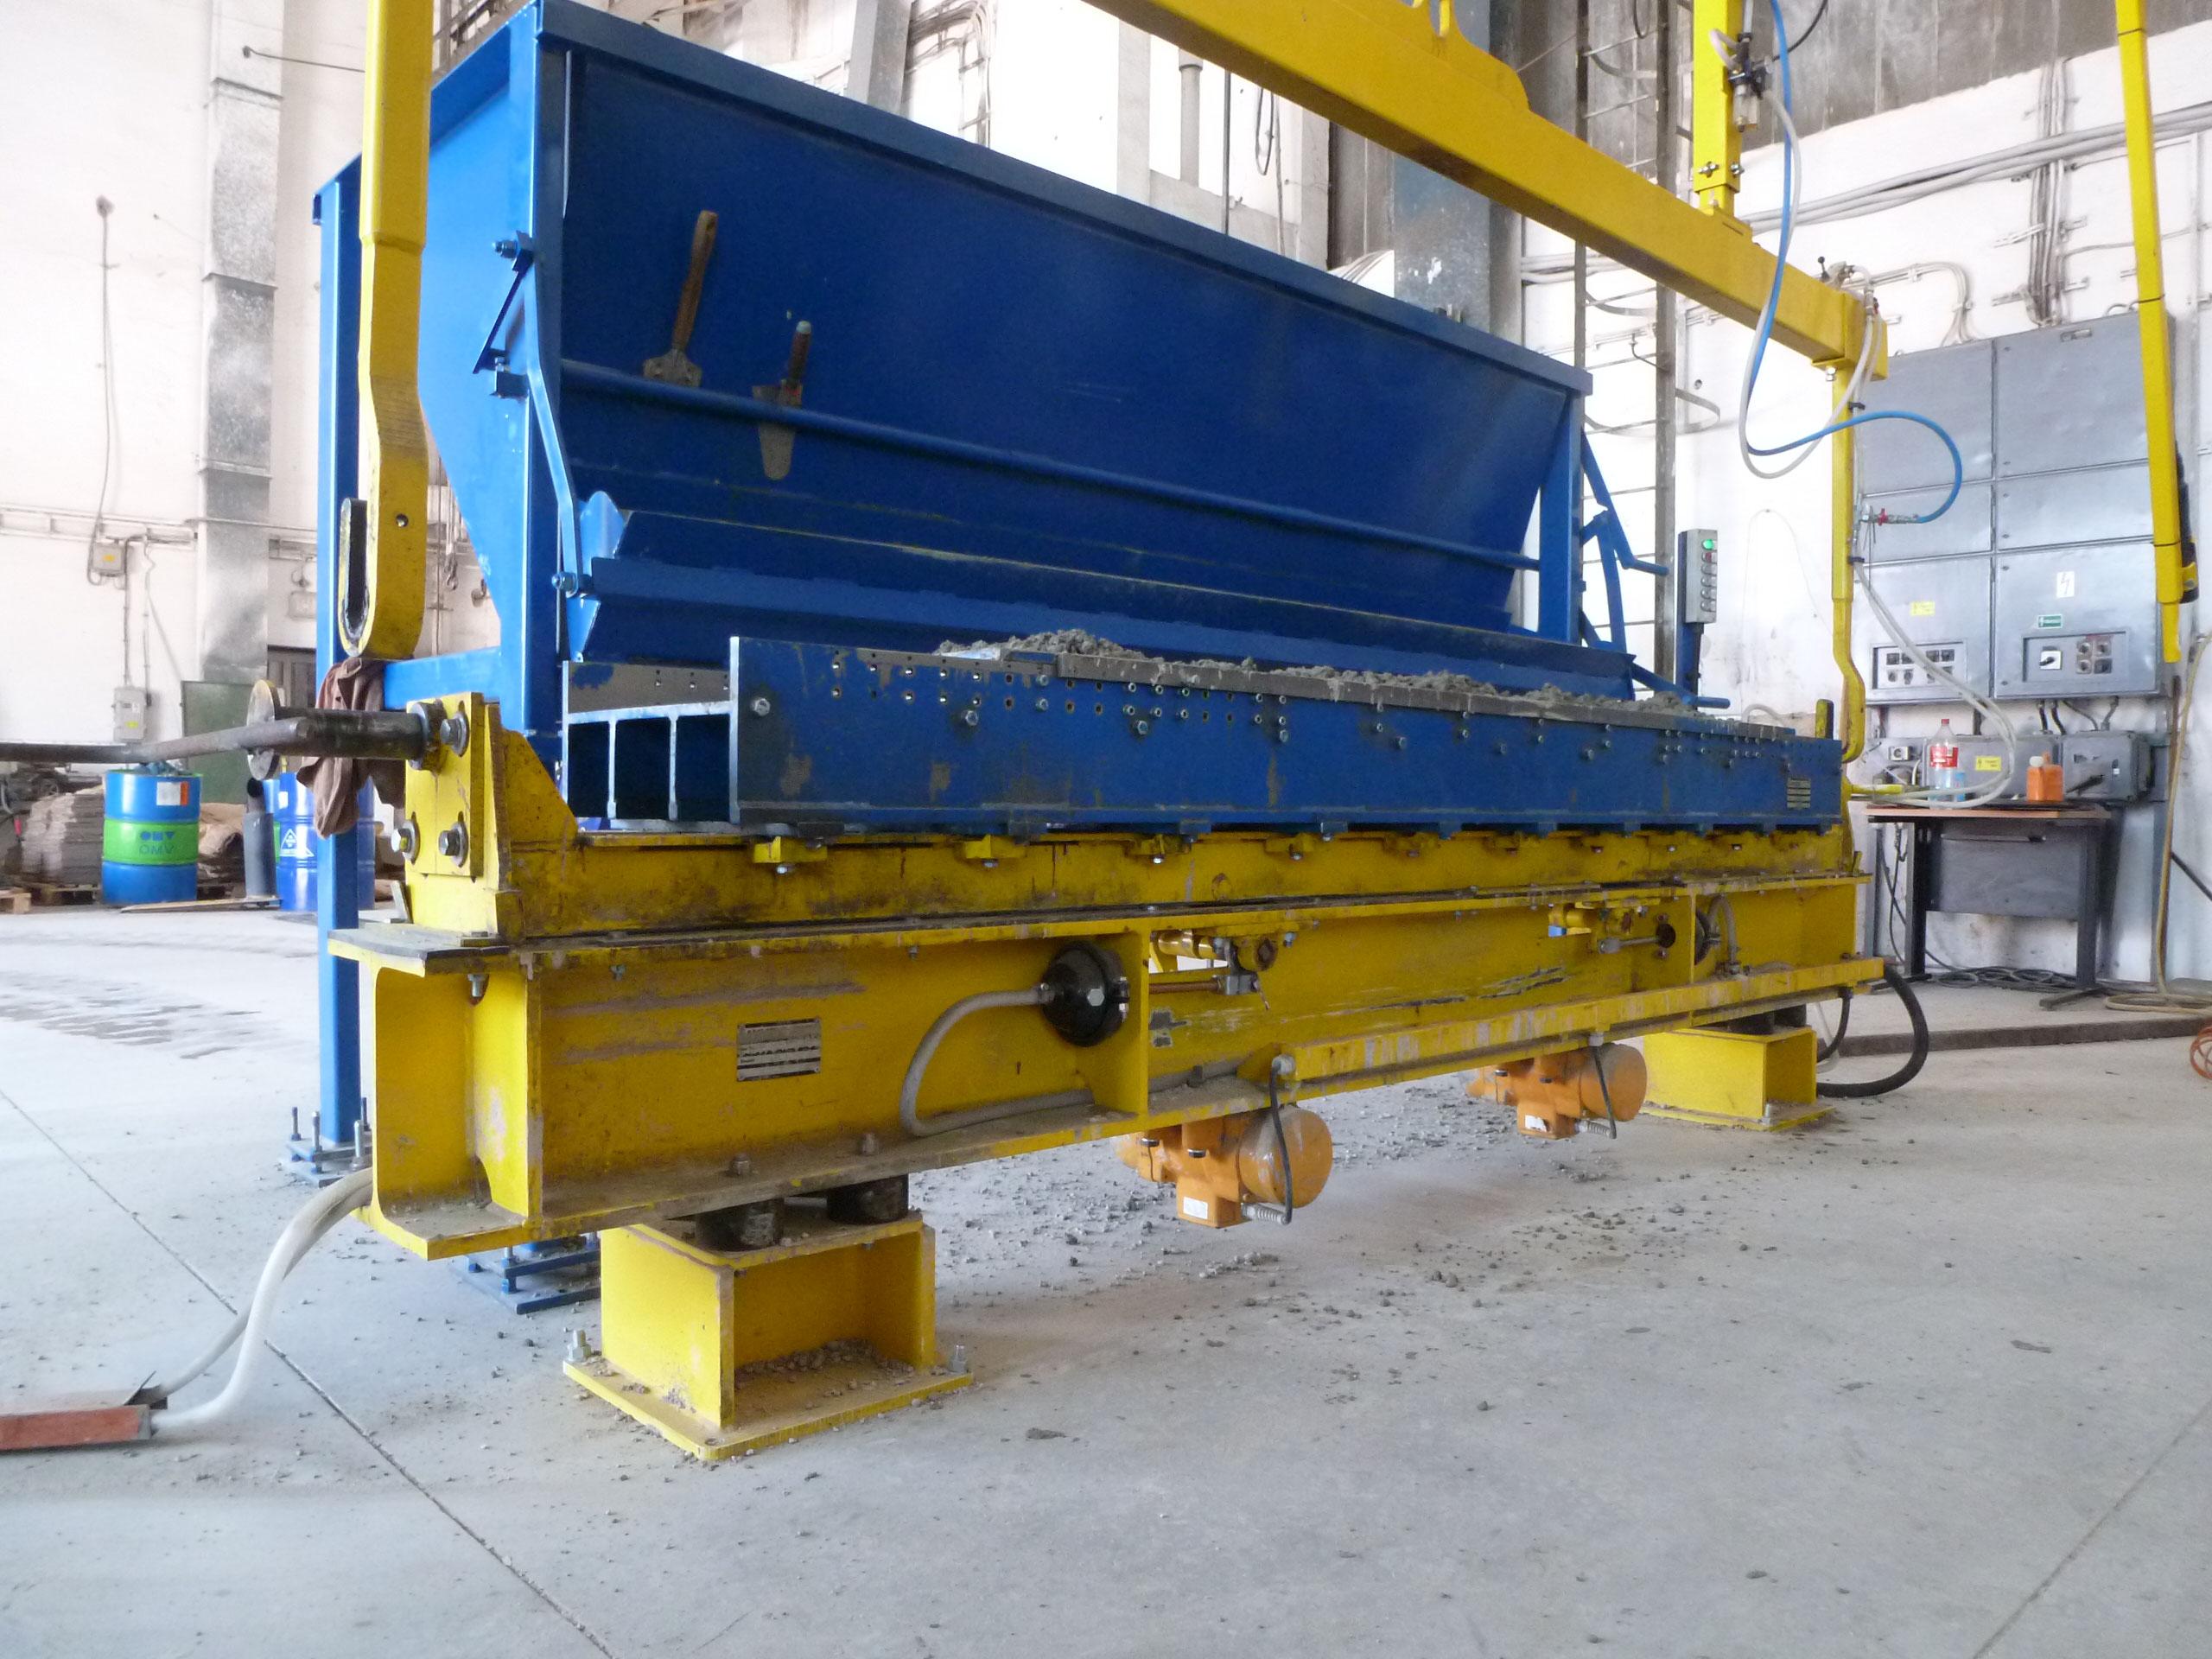 Tilt mould machines - Used - Precast Concrete Machinery